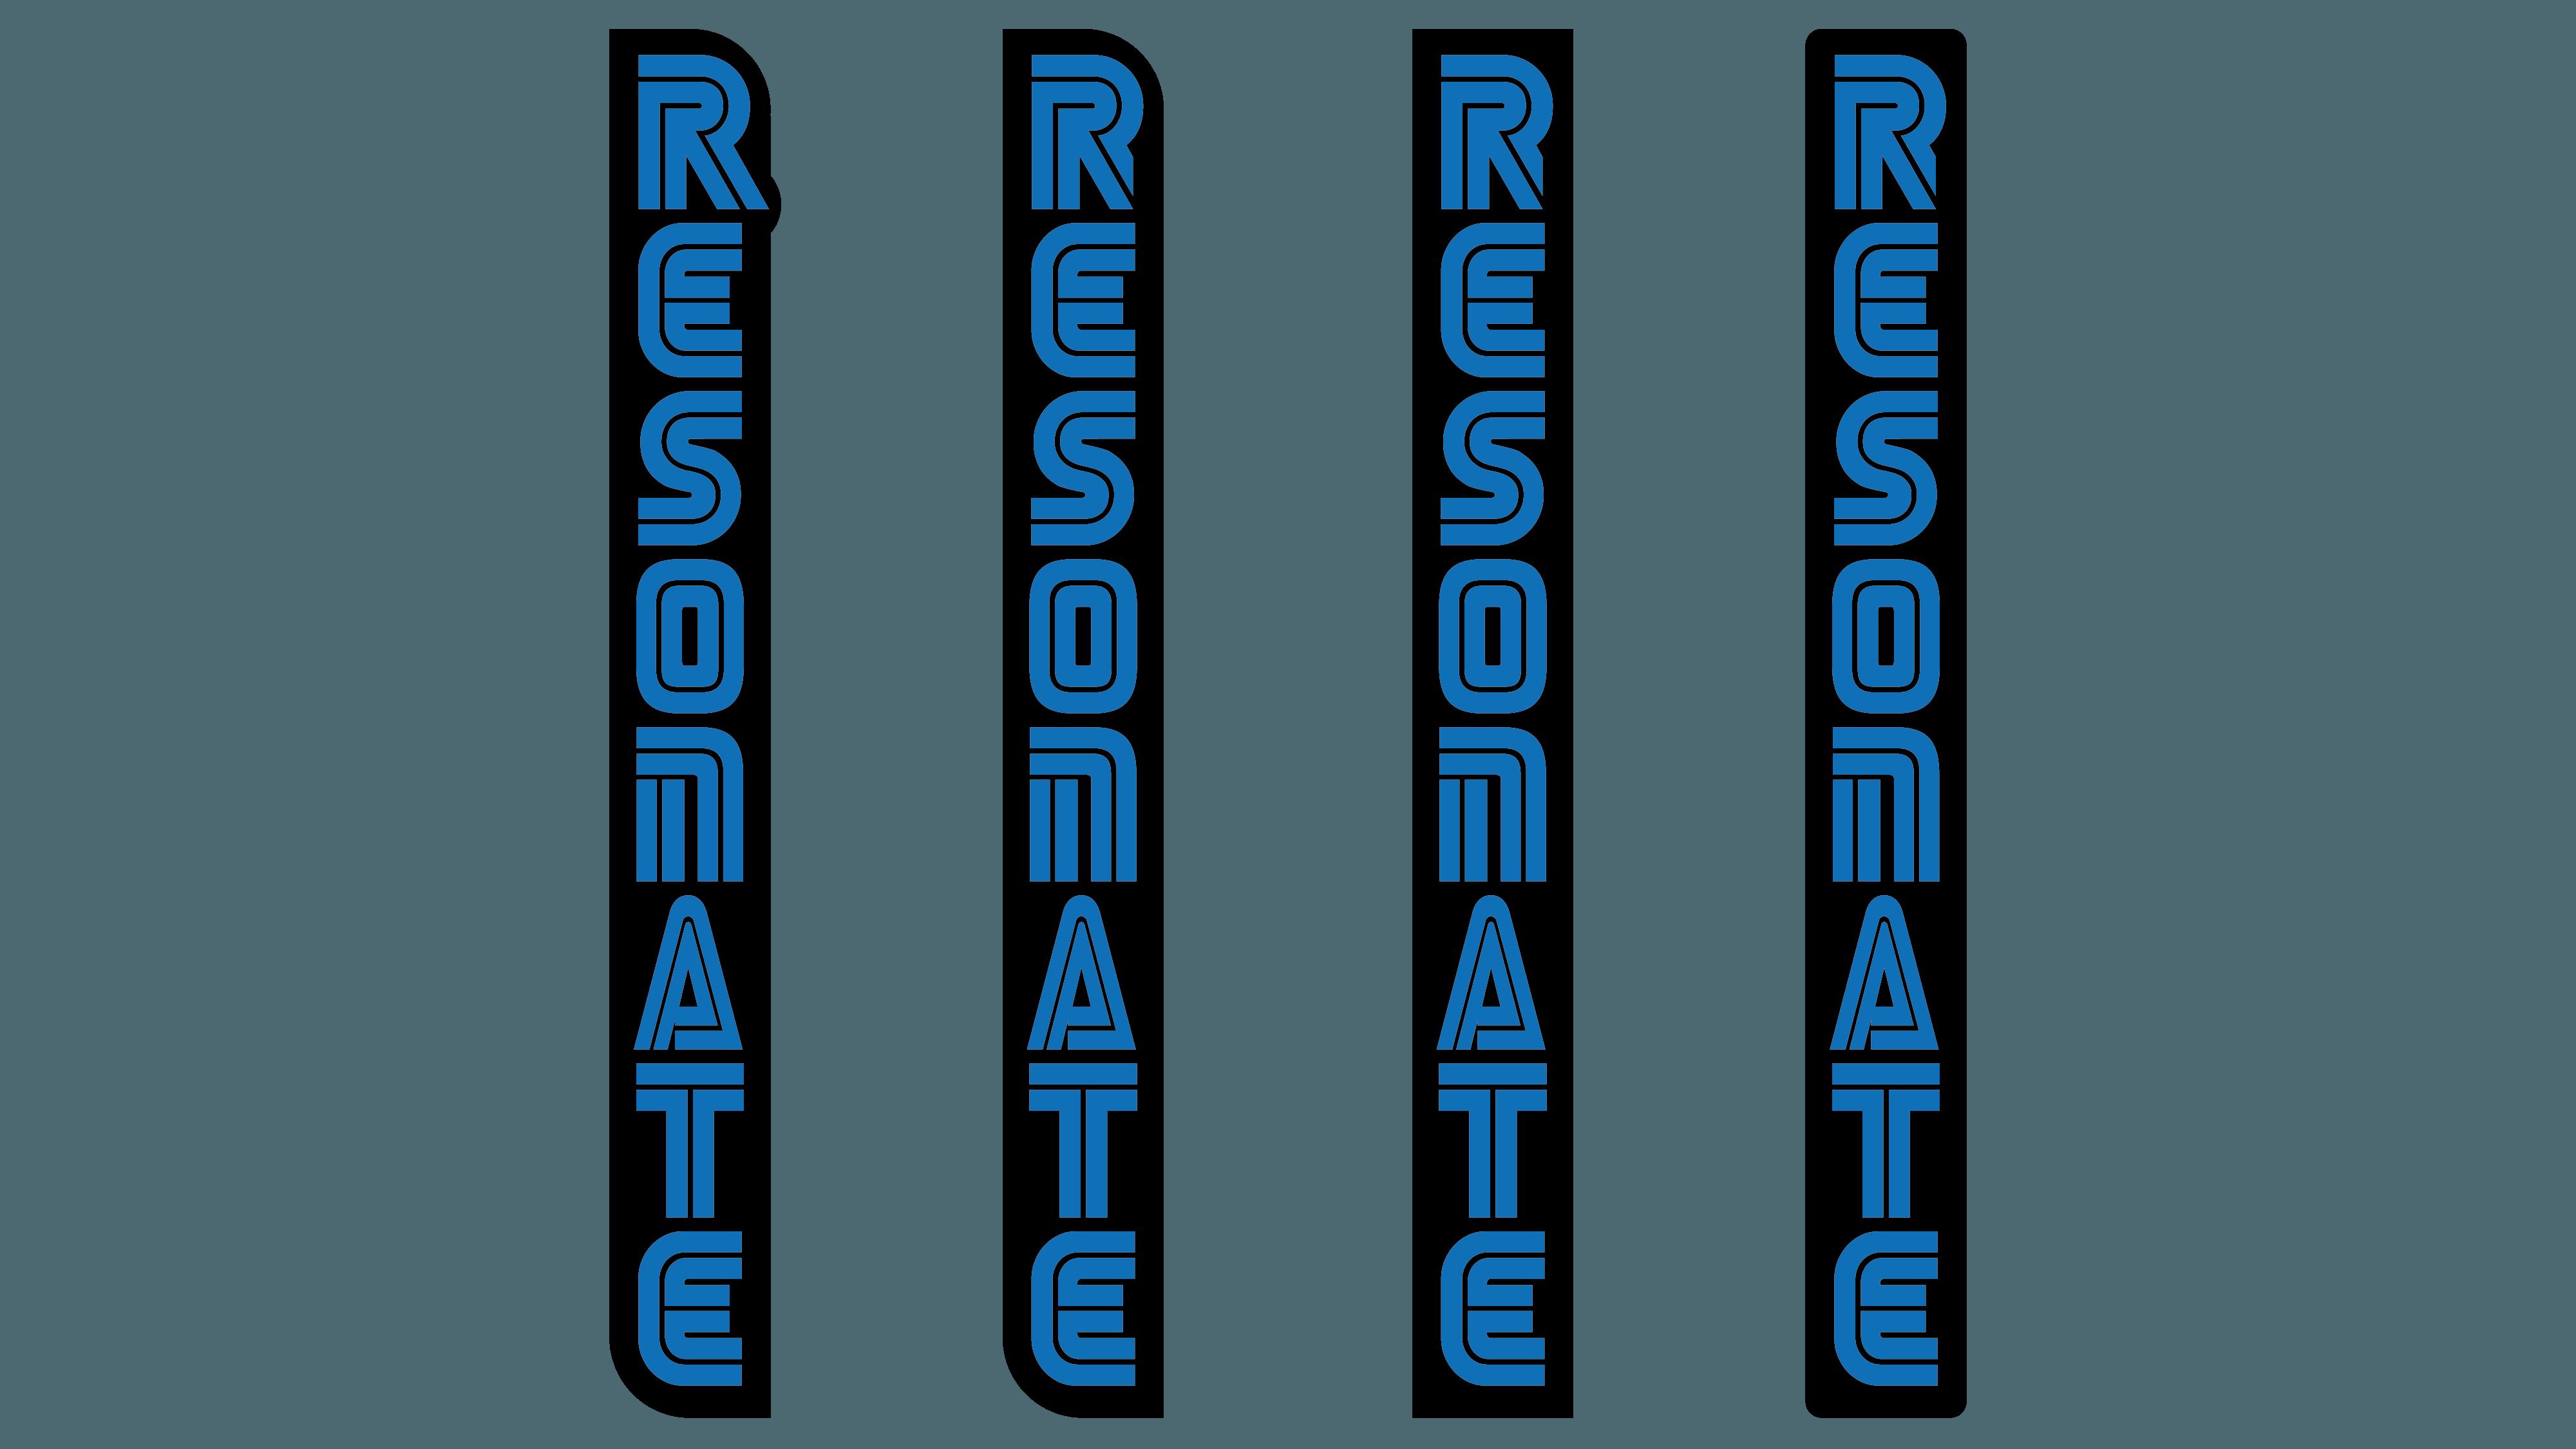 Resonate 1